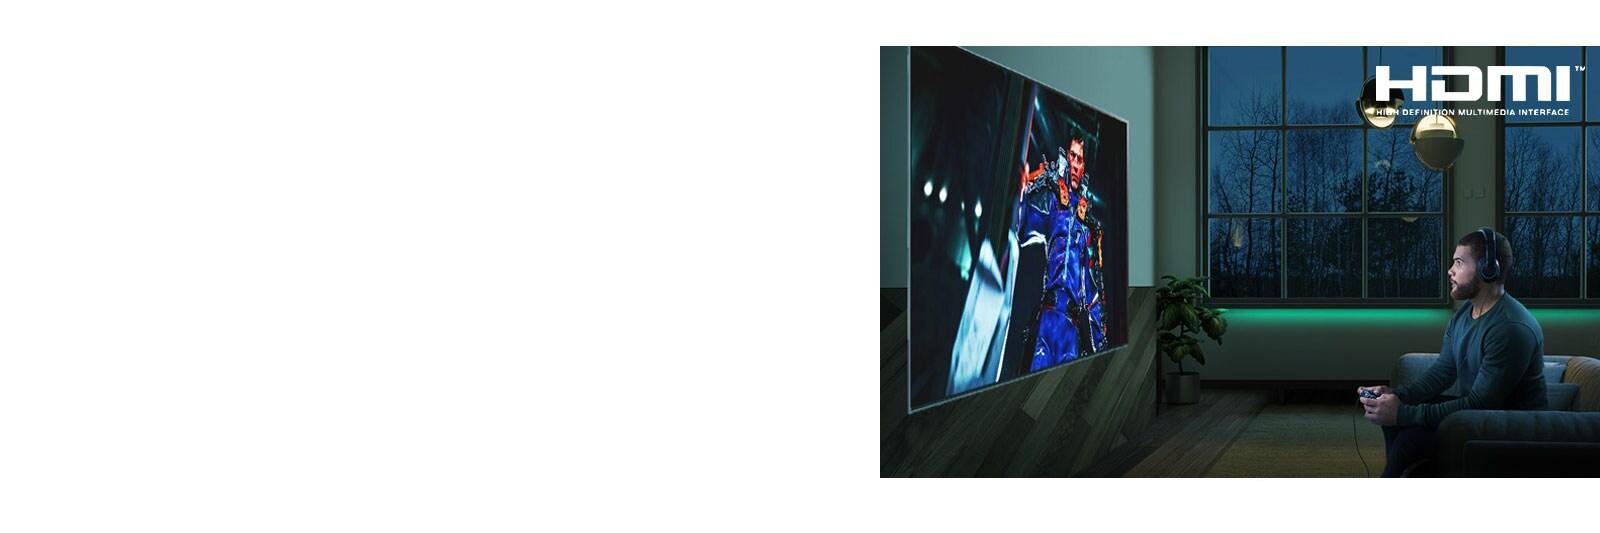 شاشة تلفزيون يظهر عليها رجل جالس على أريكة ممسكا بعصا التحكم أثناء لعبة آر بي جي